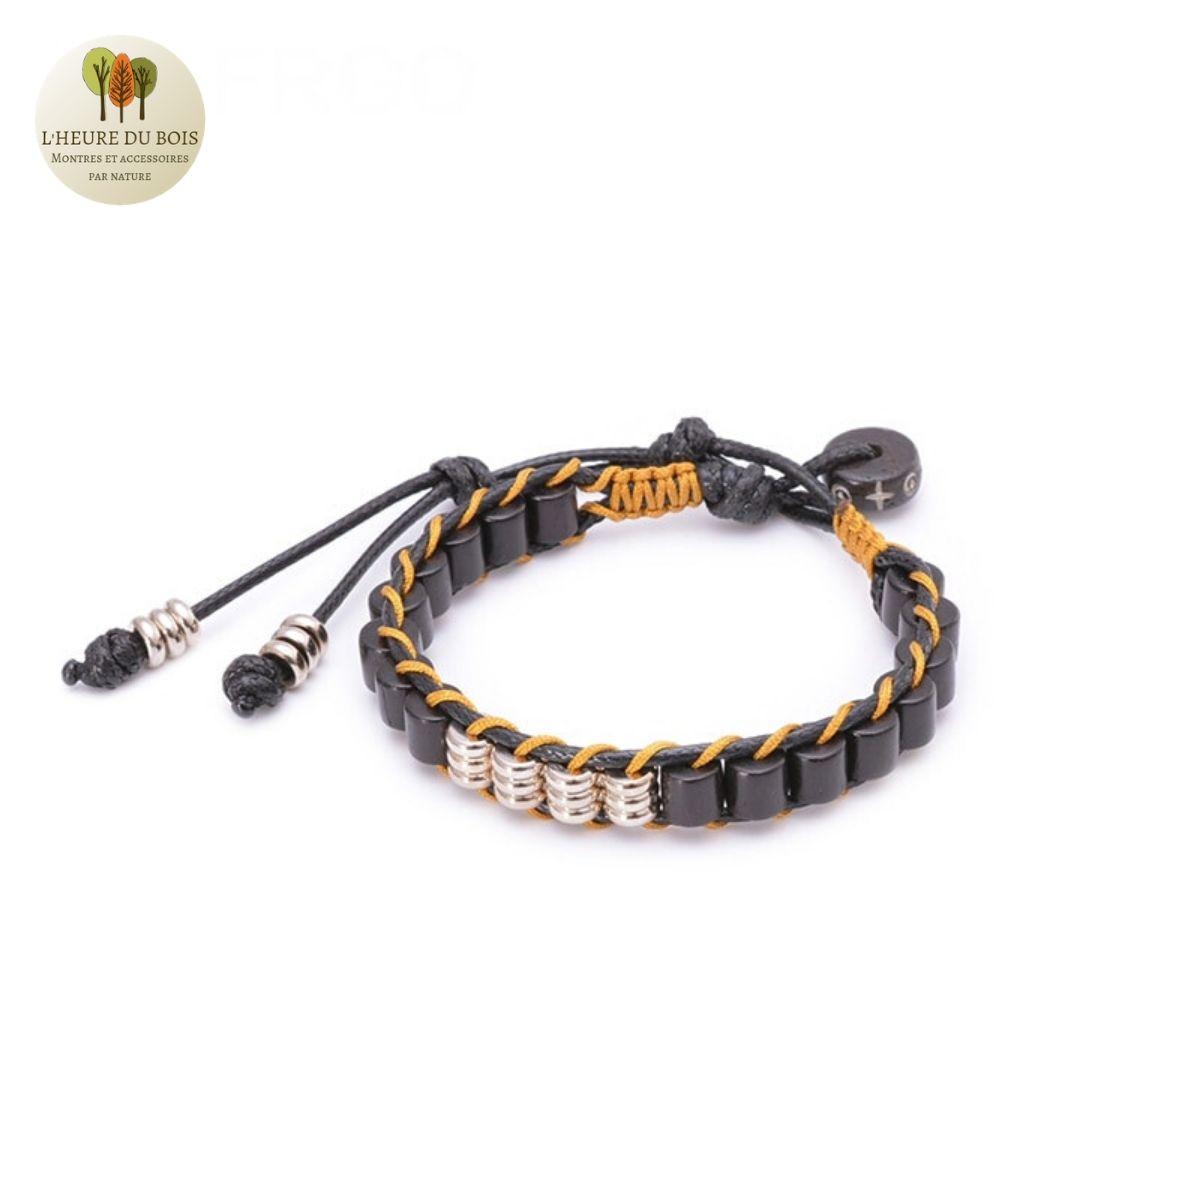 Bracelet en corde de cire et perles de bois